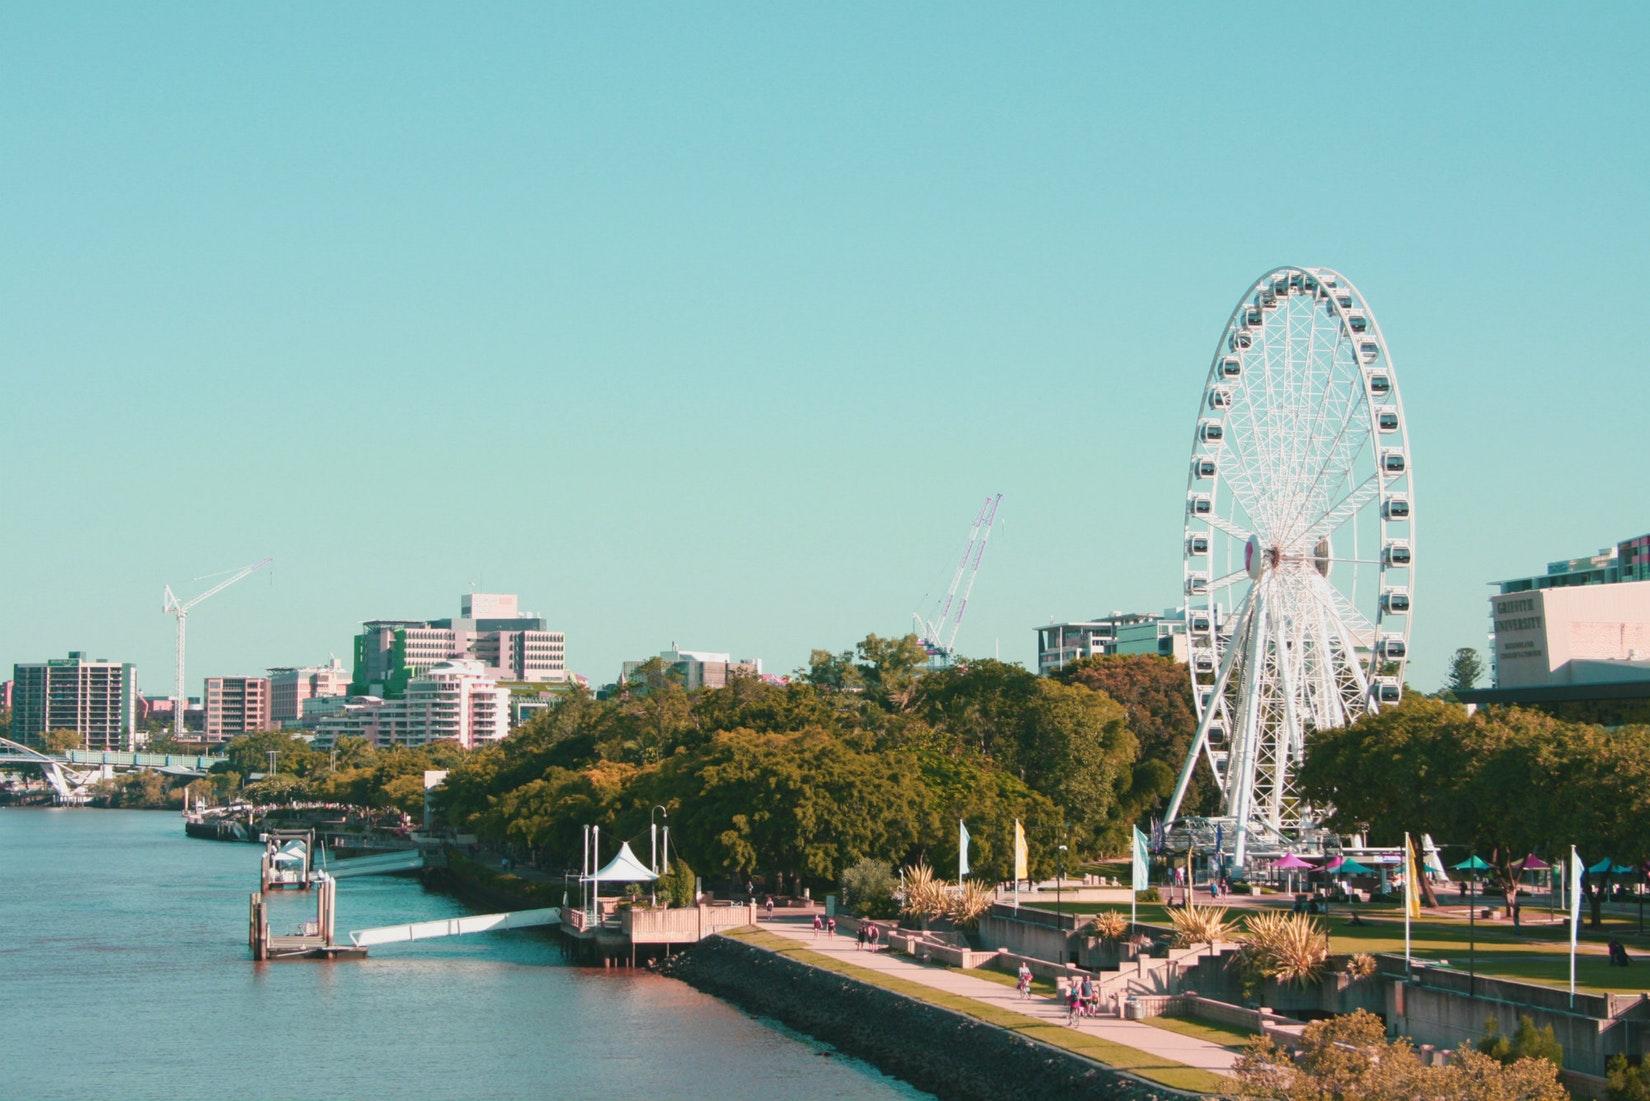 10 лучших городов для фрилансеров в 2019 году 10 лучших городов для фрилансеров в 2019 году photo 1452859030887 bb96ef08d051